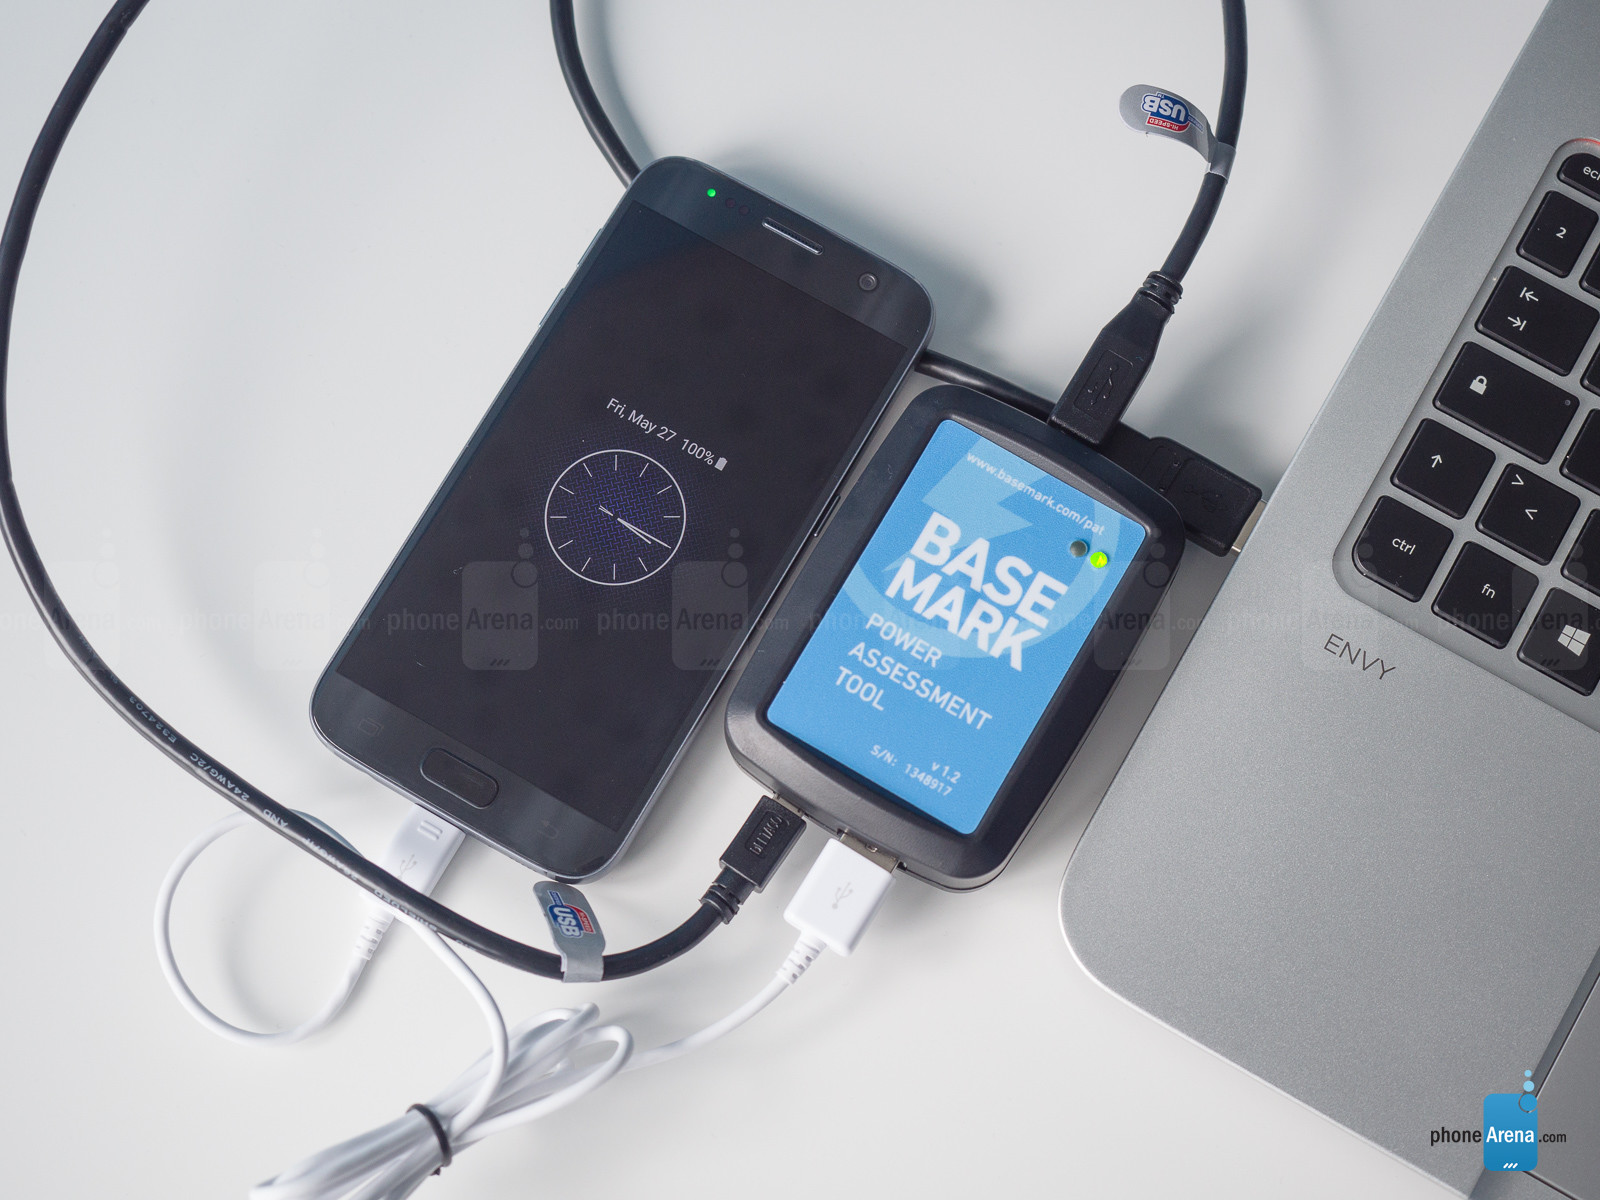 2. Basemark Инструмент оценки мощности